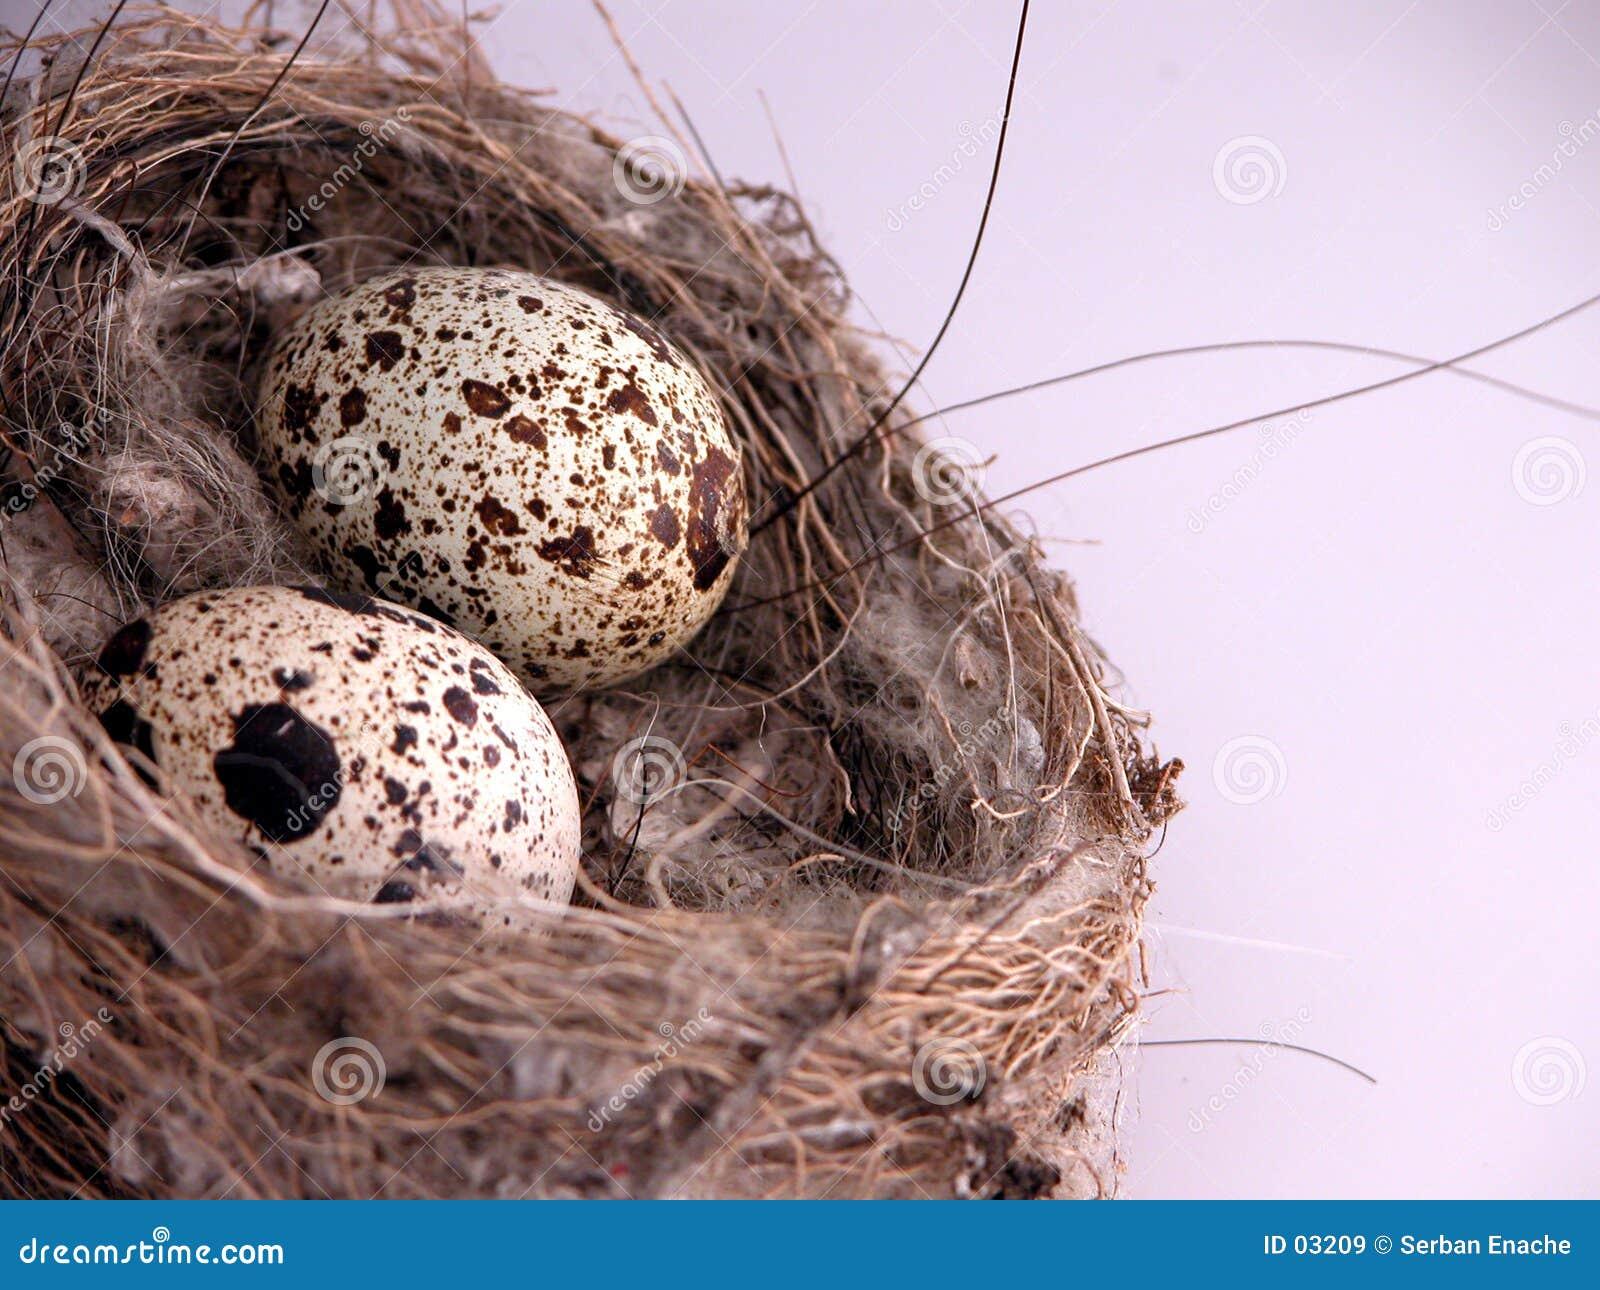 Closeup of eggs in nest